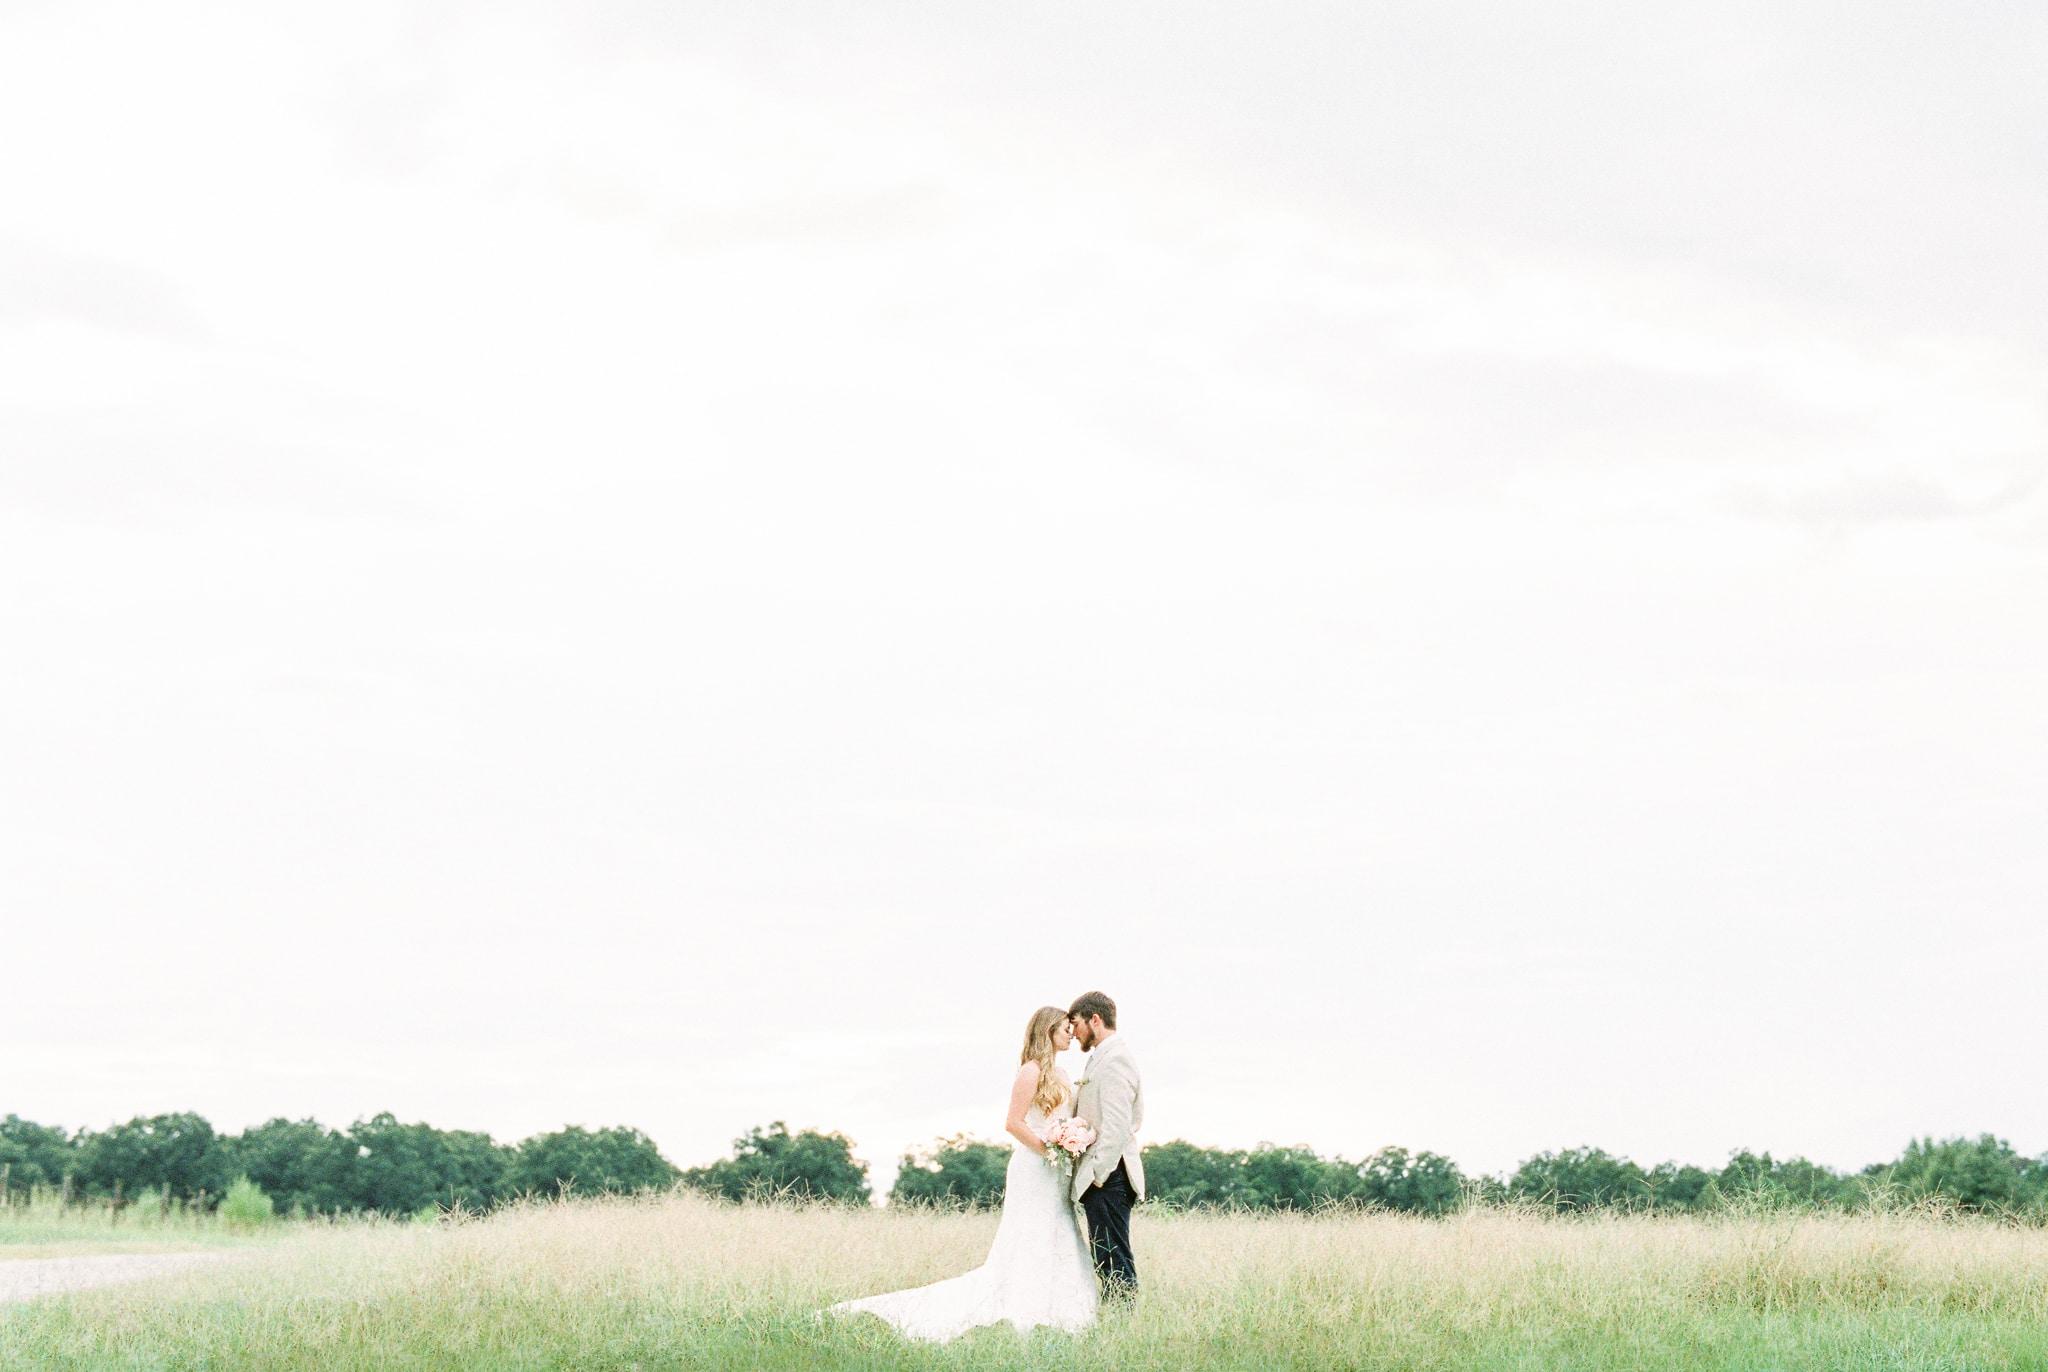 Valley View Barn Wedding Venue | Vow Renewal